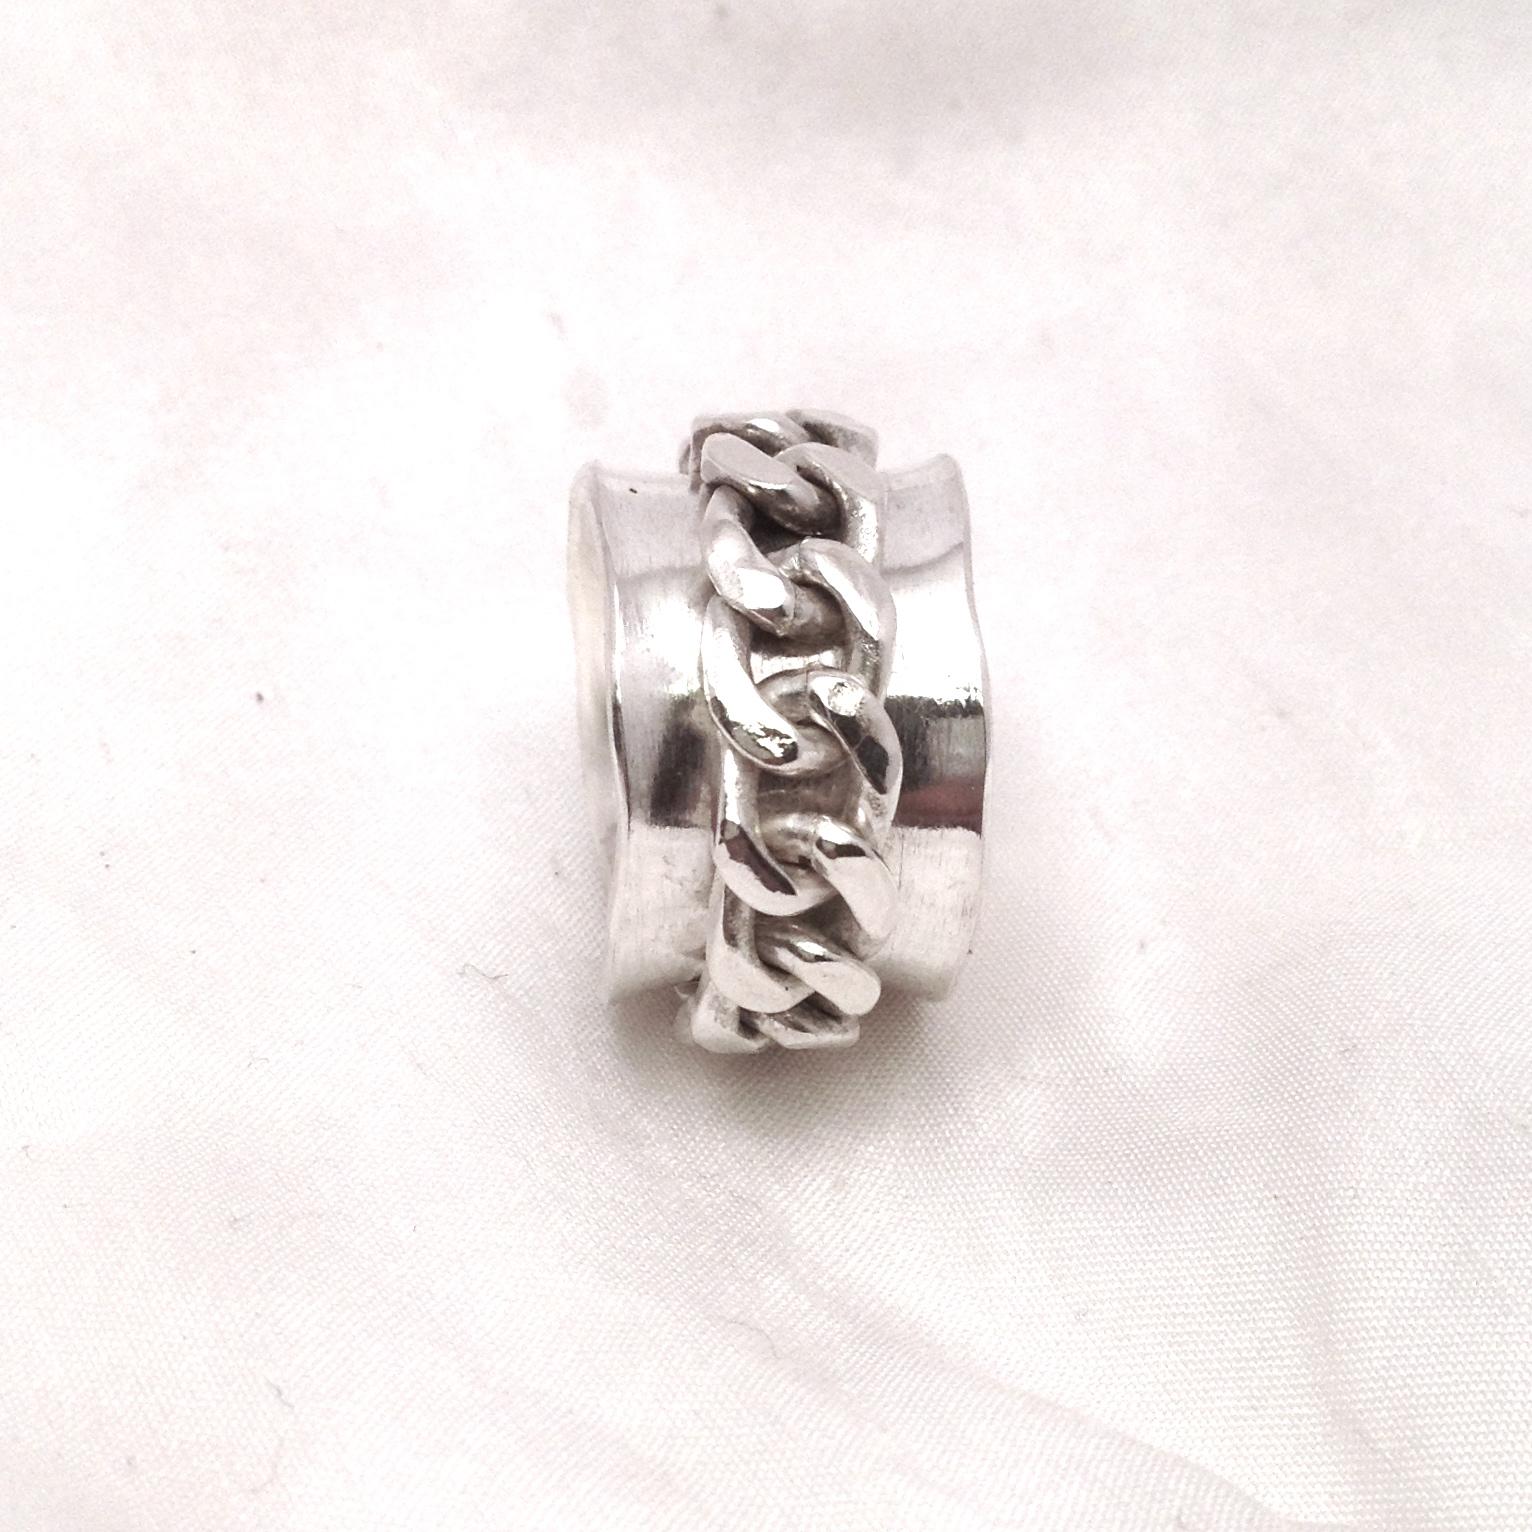 Äkta silverring med snurrbar kedja. Ca 14 mm bred. Storlek 17 06b5083191e34